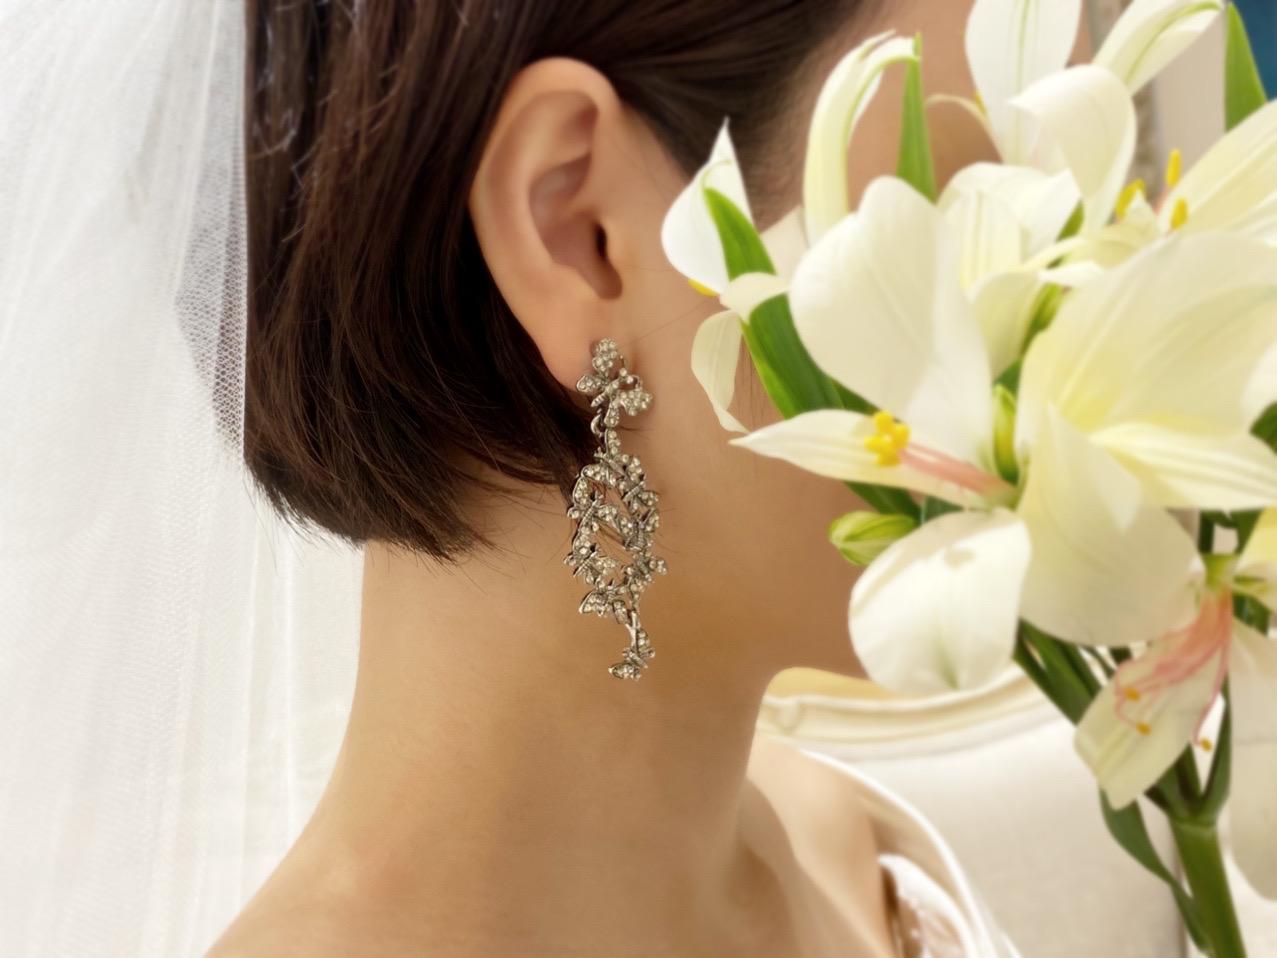 ショートボブヘアやボブヘアの花嫁様におすすめのオスカーデラレンタの蝶々モチーフのイヤリング